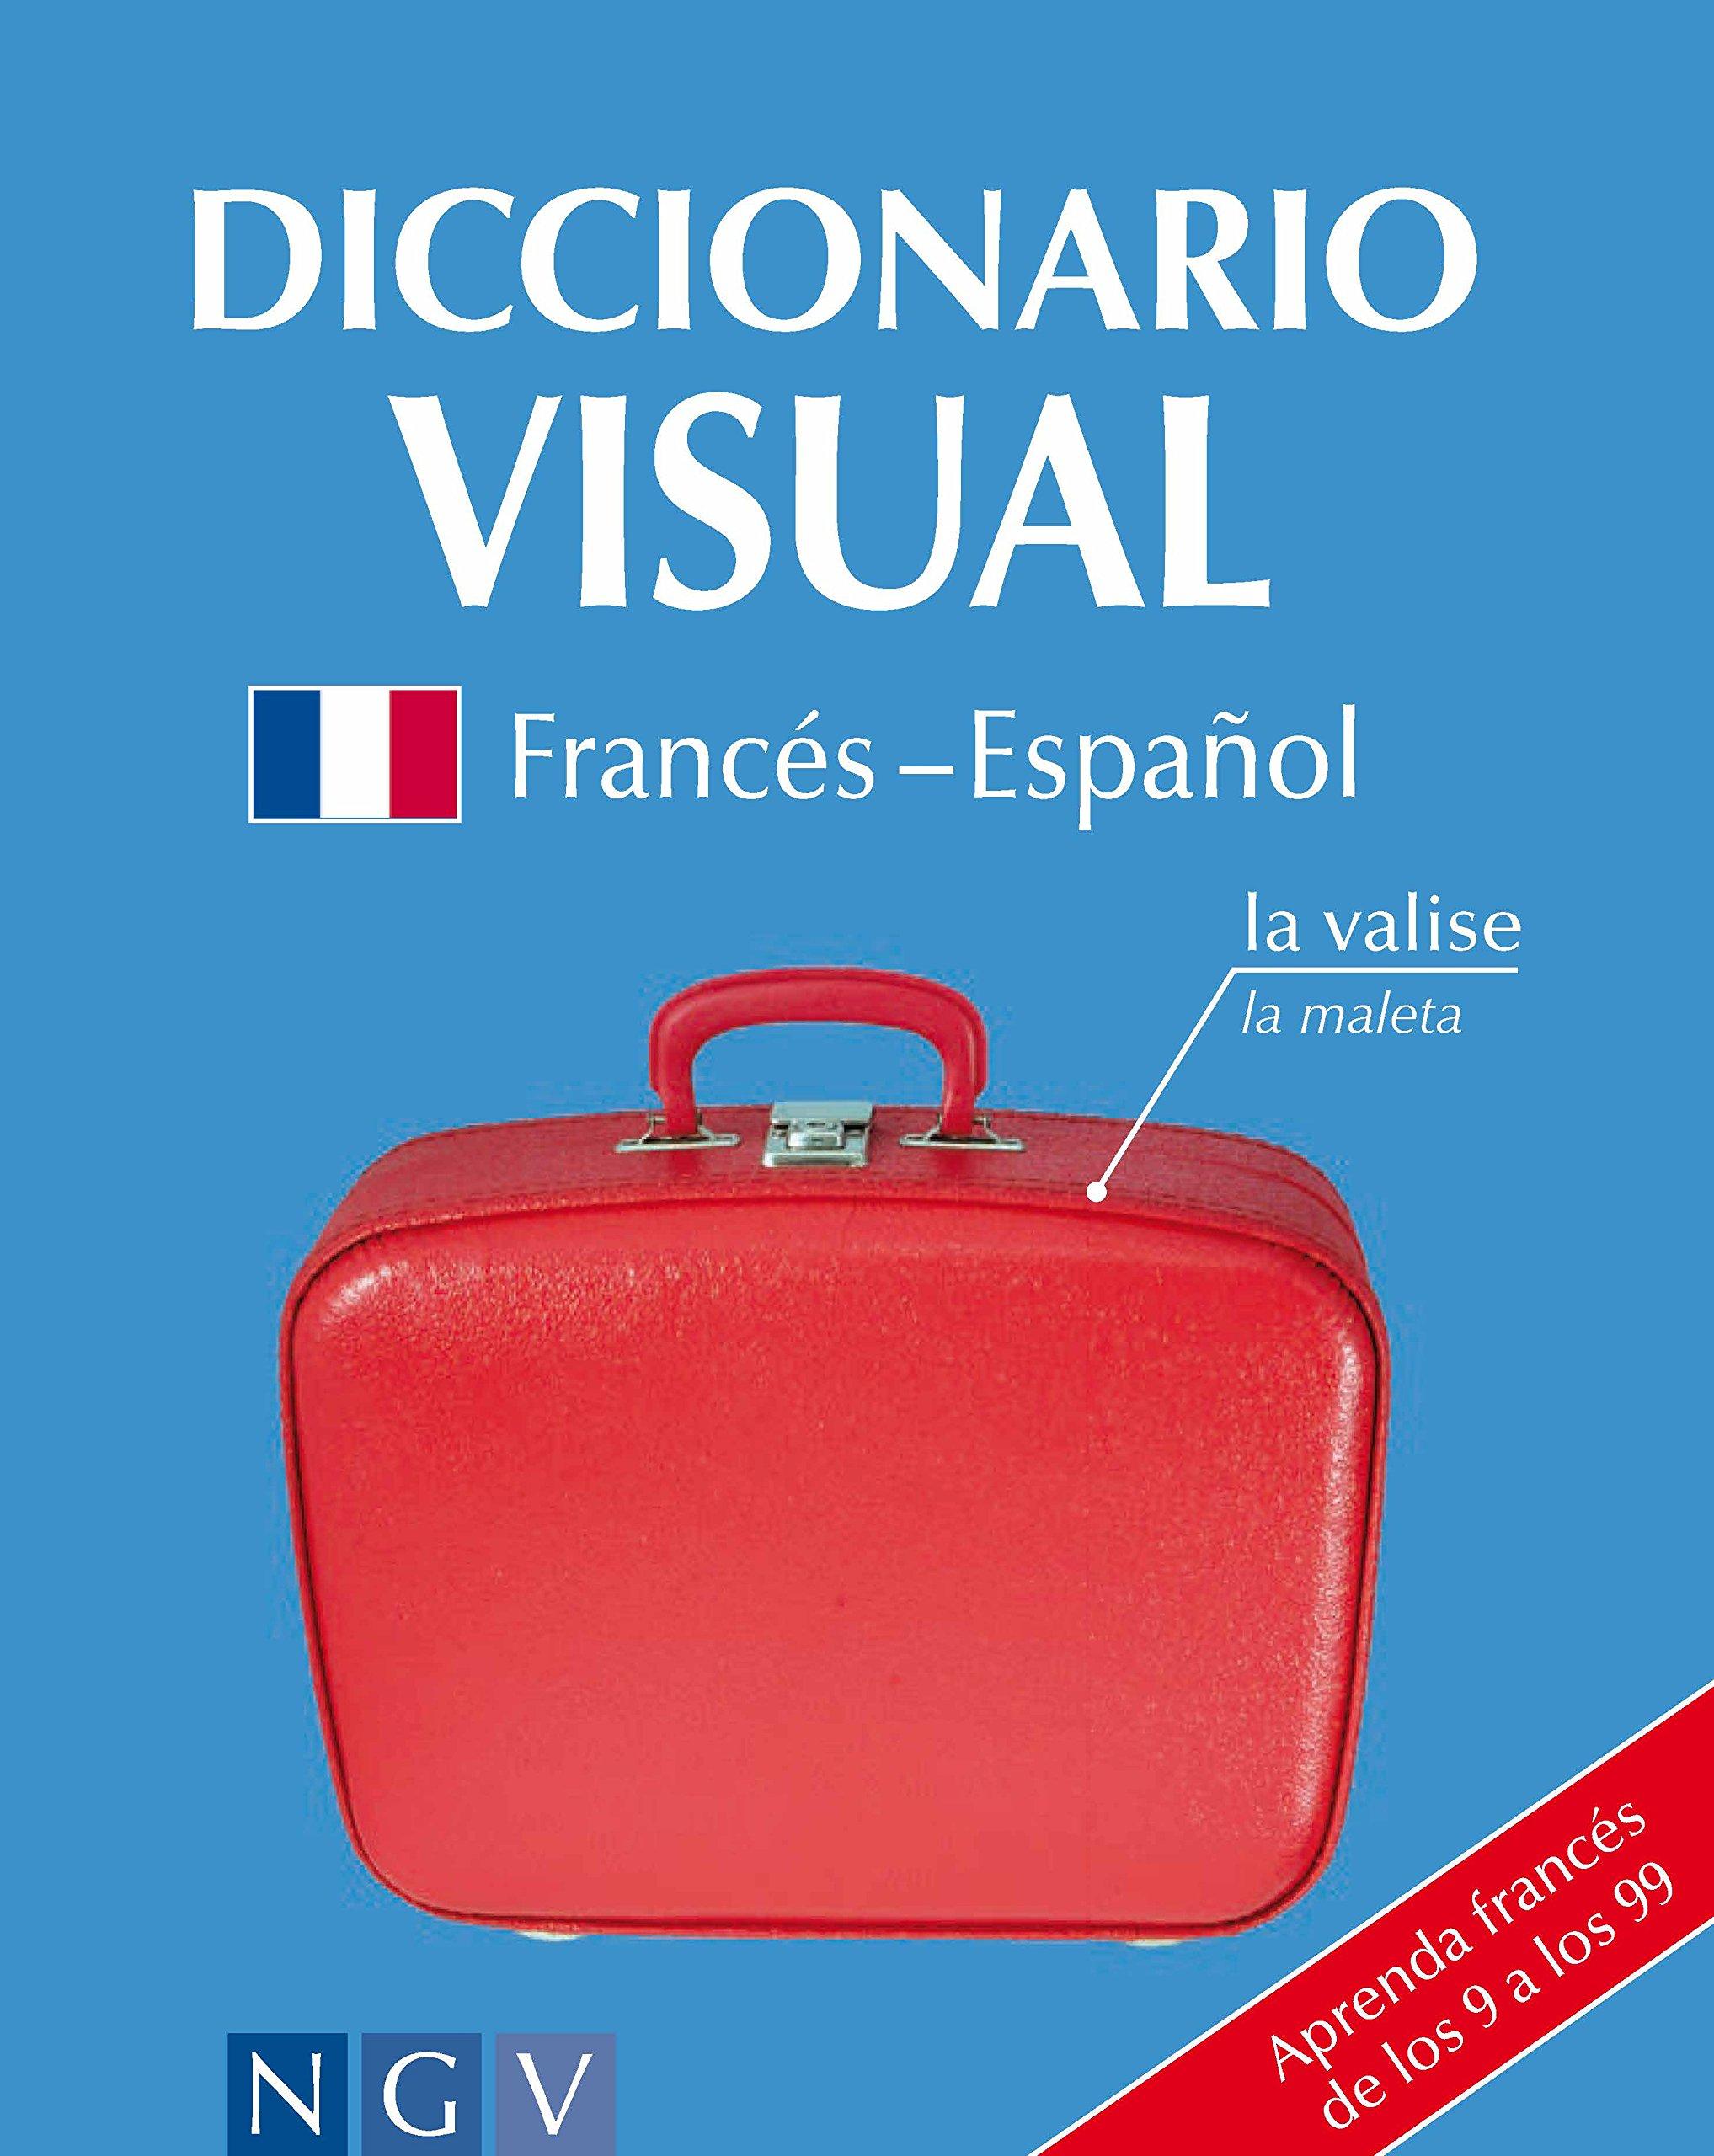 Diccionario Visual Francés-Español (Spanish) Paperback – 2013